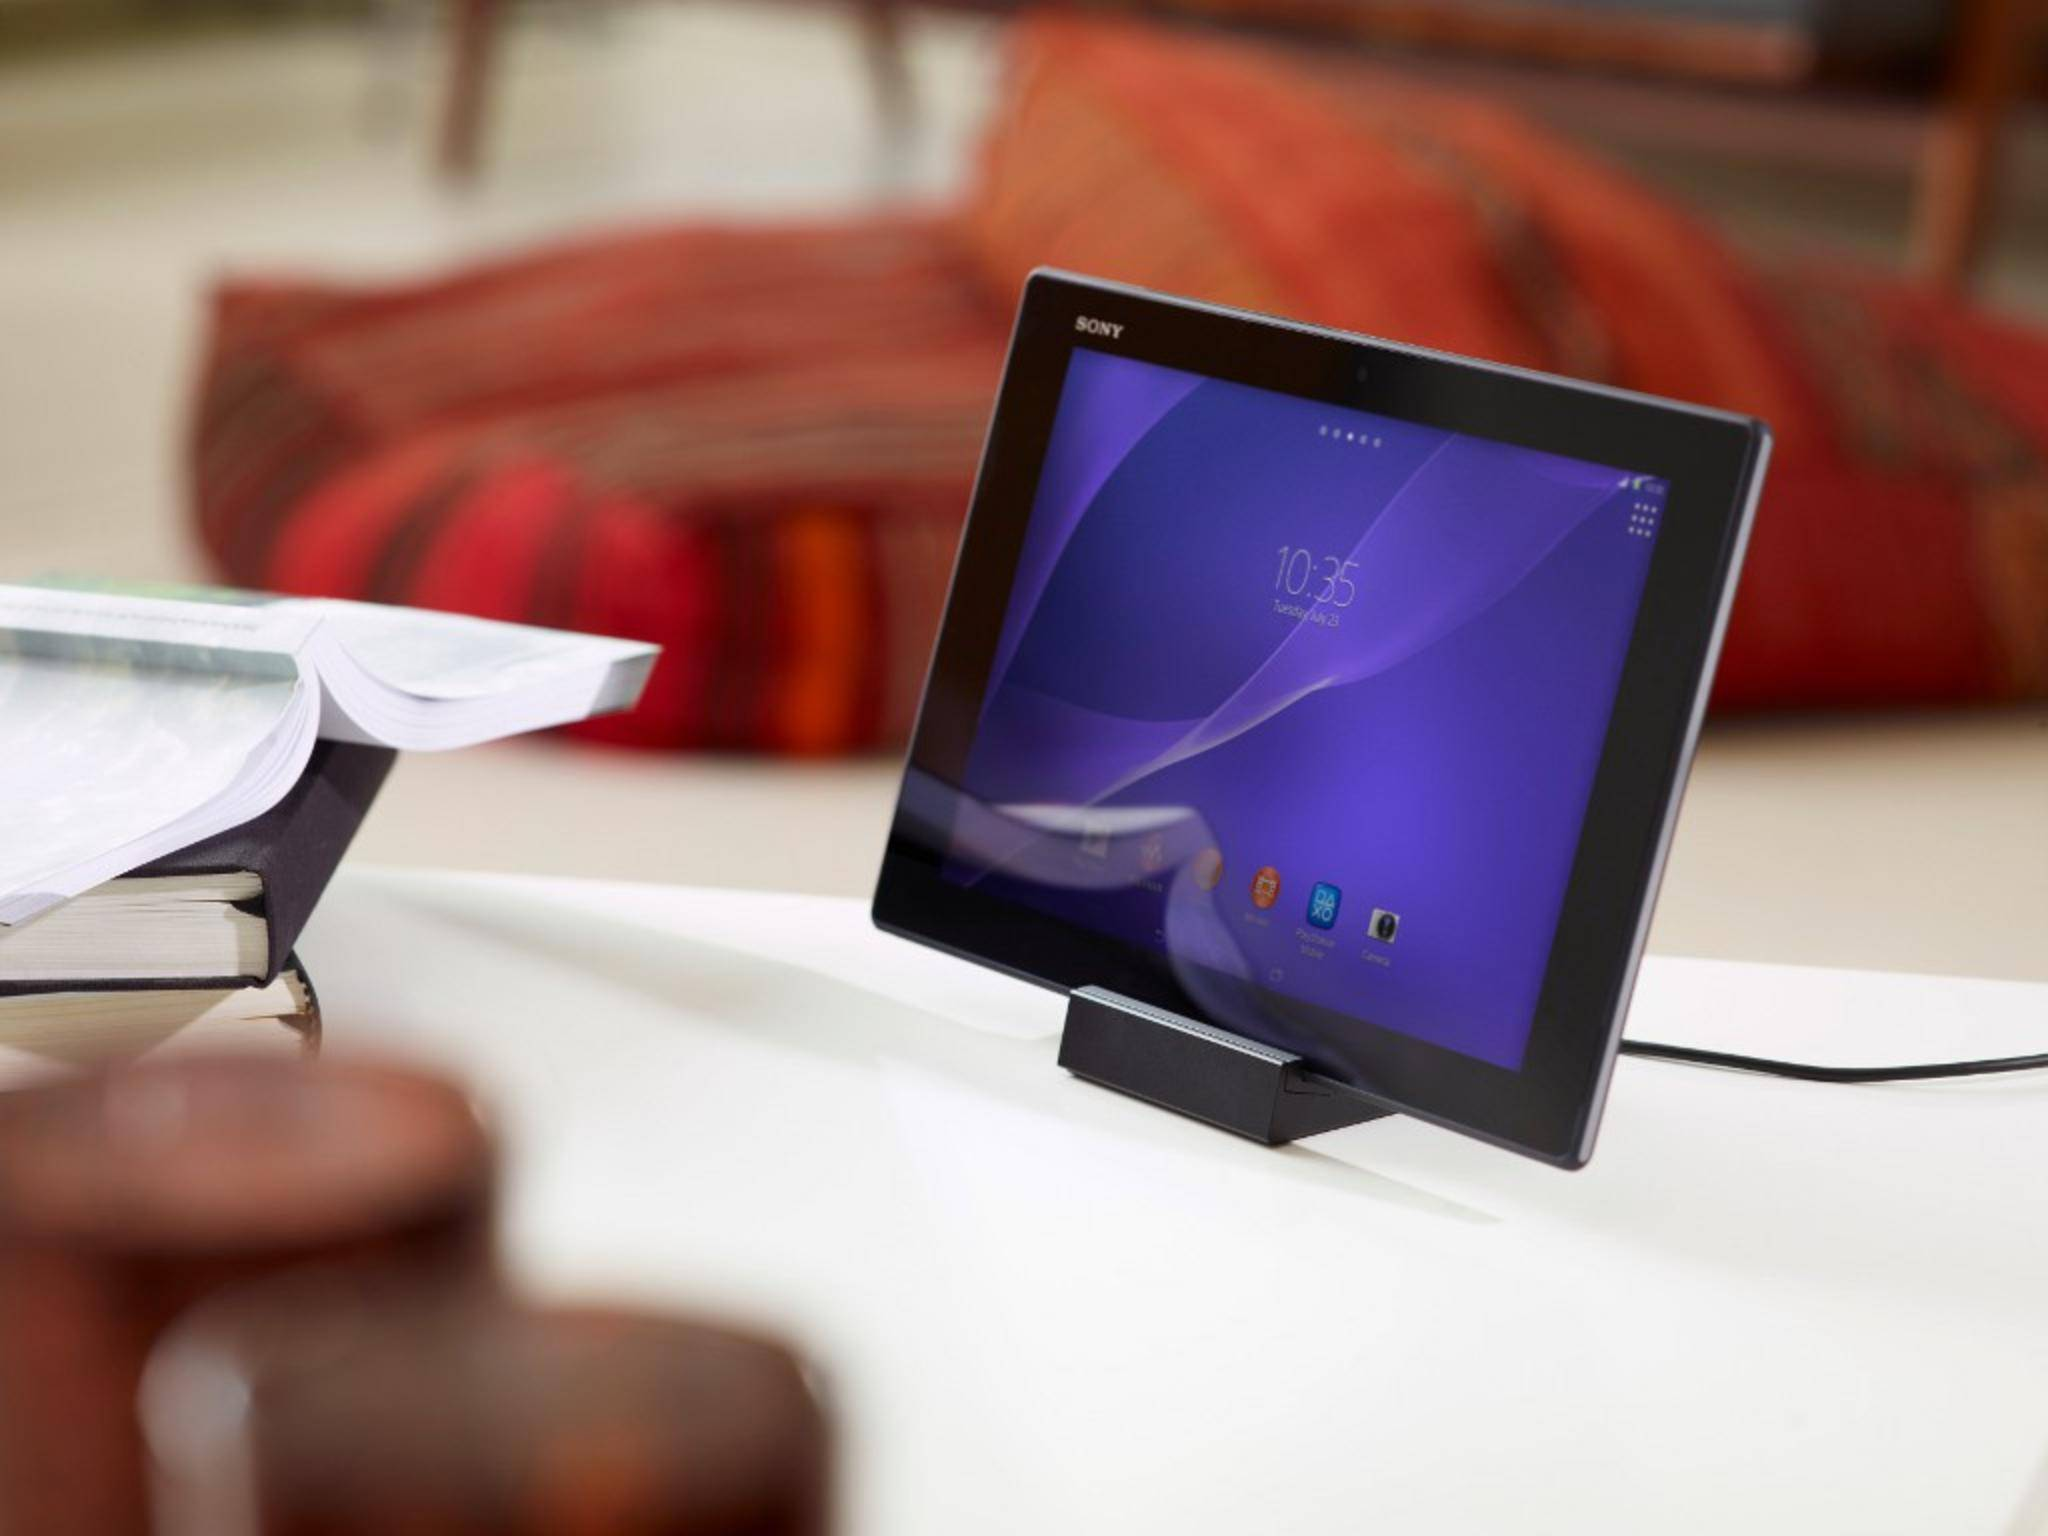 Das Sony Xperia Z2 Tablet soll 2015 einen 12,9-Zoll-Bruder erhalten.